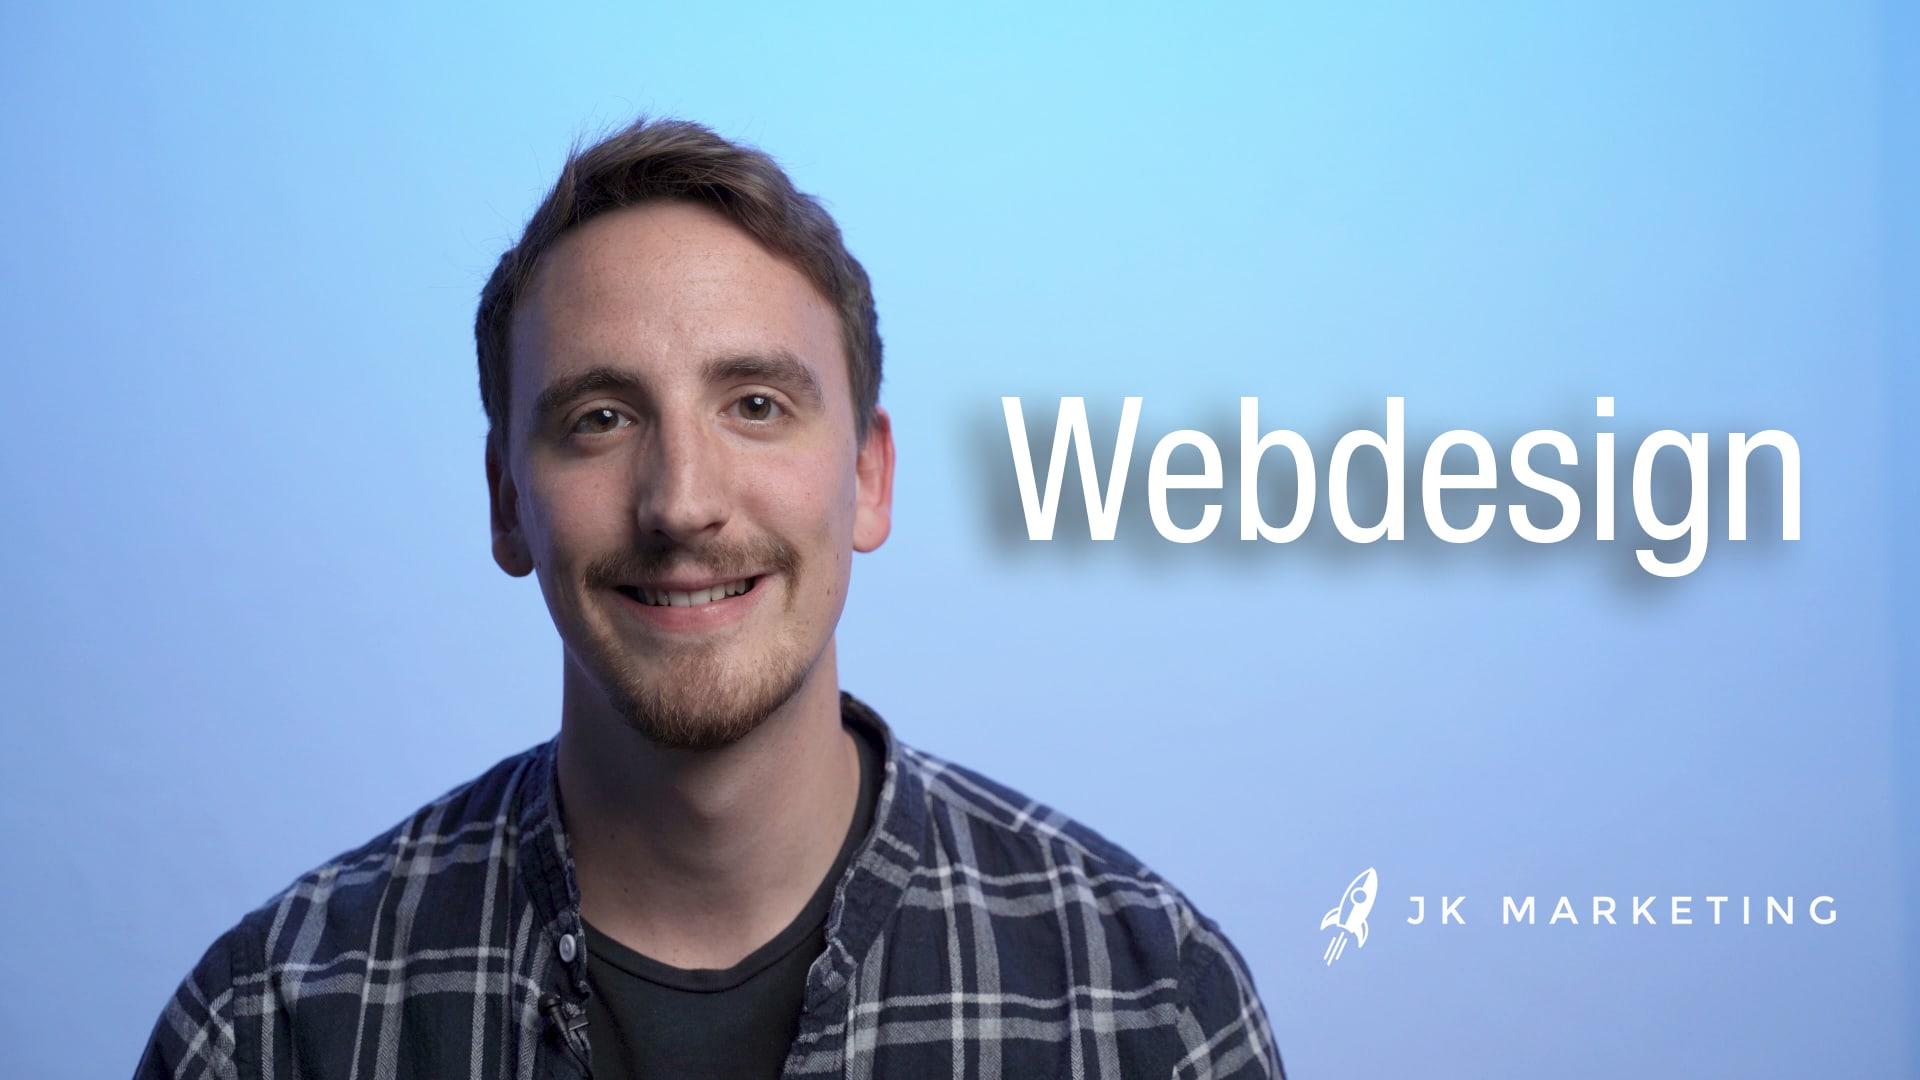 Videothumbnail Webdesign für den Rems-Murr-Kreis: Backnang, Winnenden, Waiblingen Fellbach Schorndorf von JK Marketing